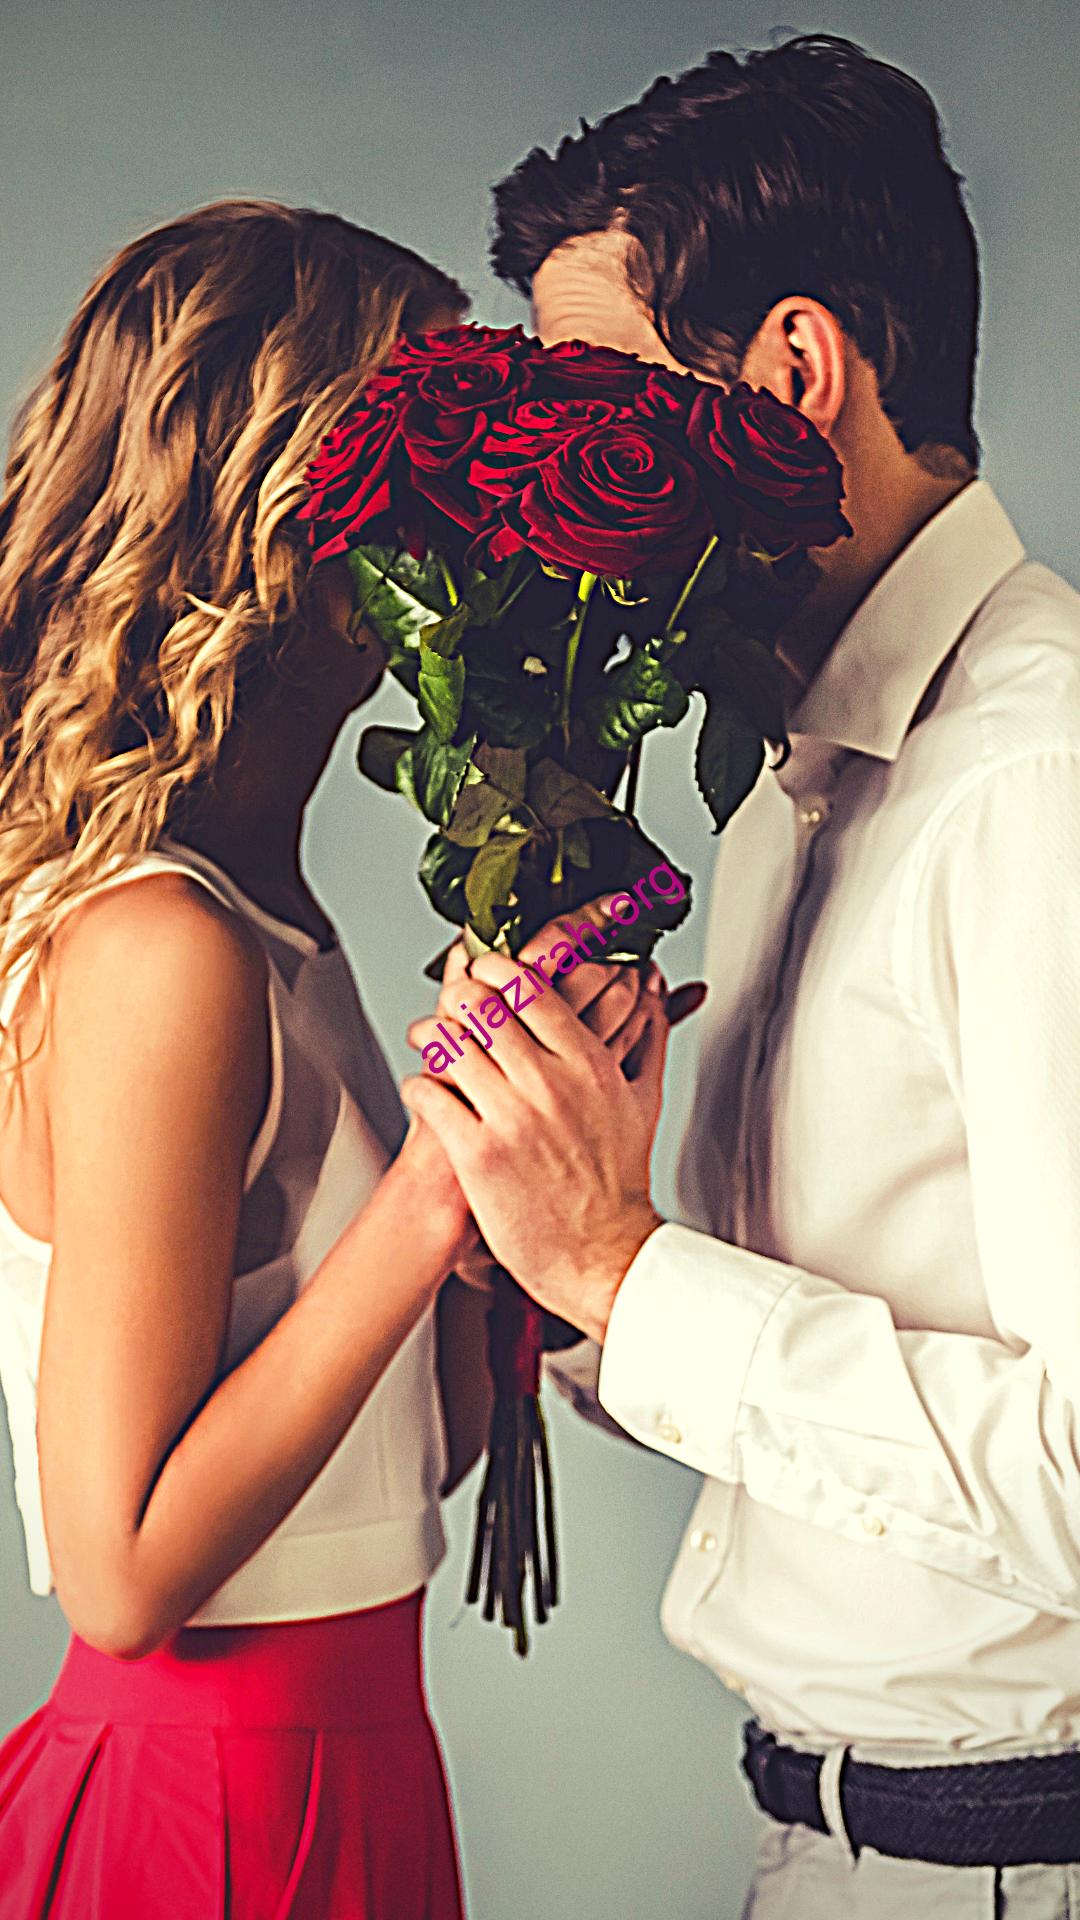 نصائح للتخلص من الملل الزوجي